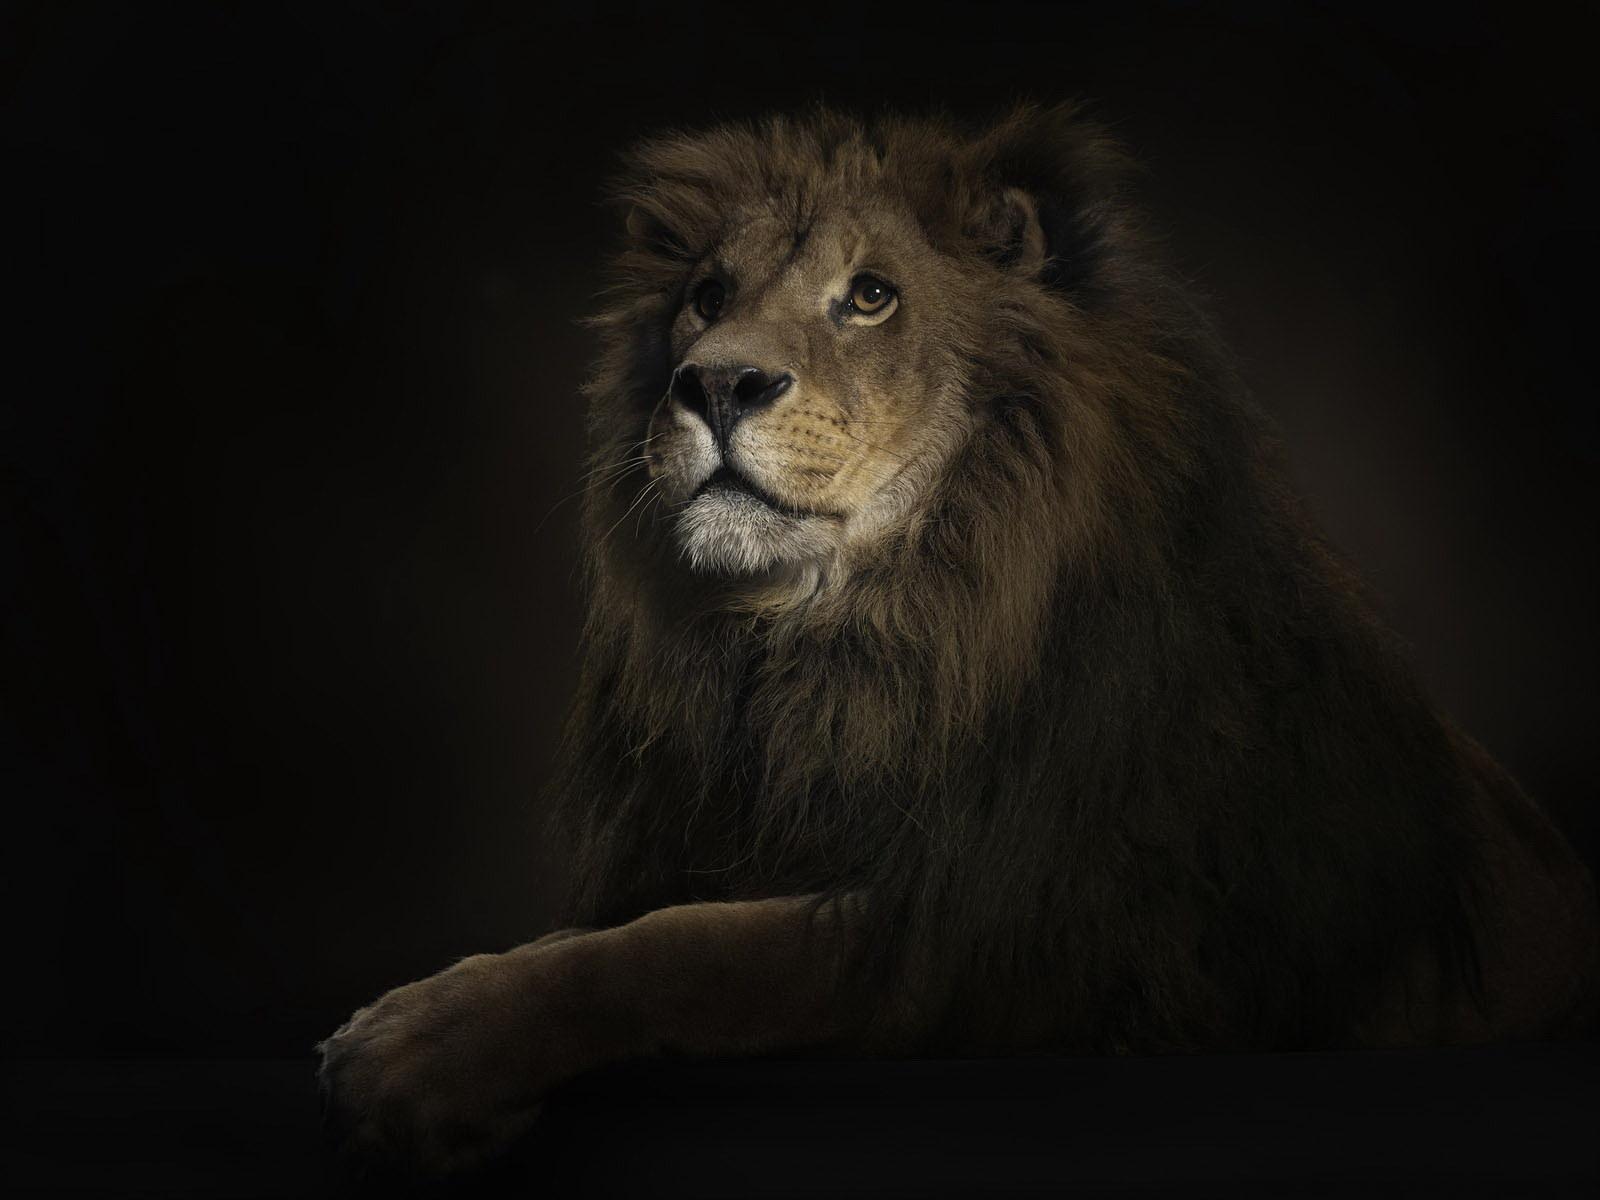 Lion Wallpaper HD | Name Wallpaper HD